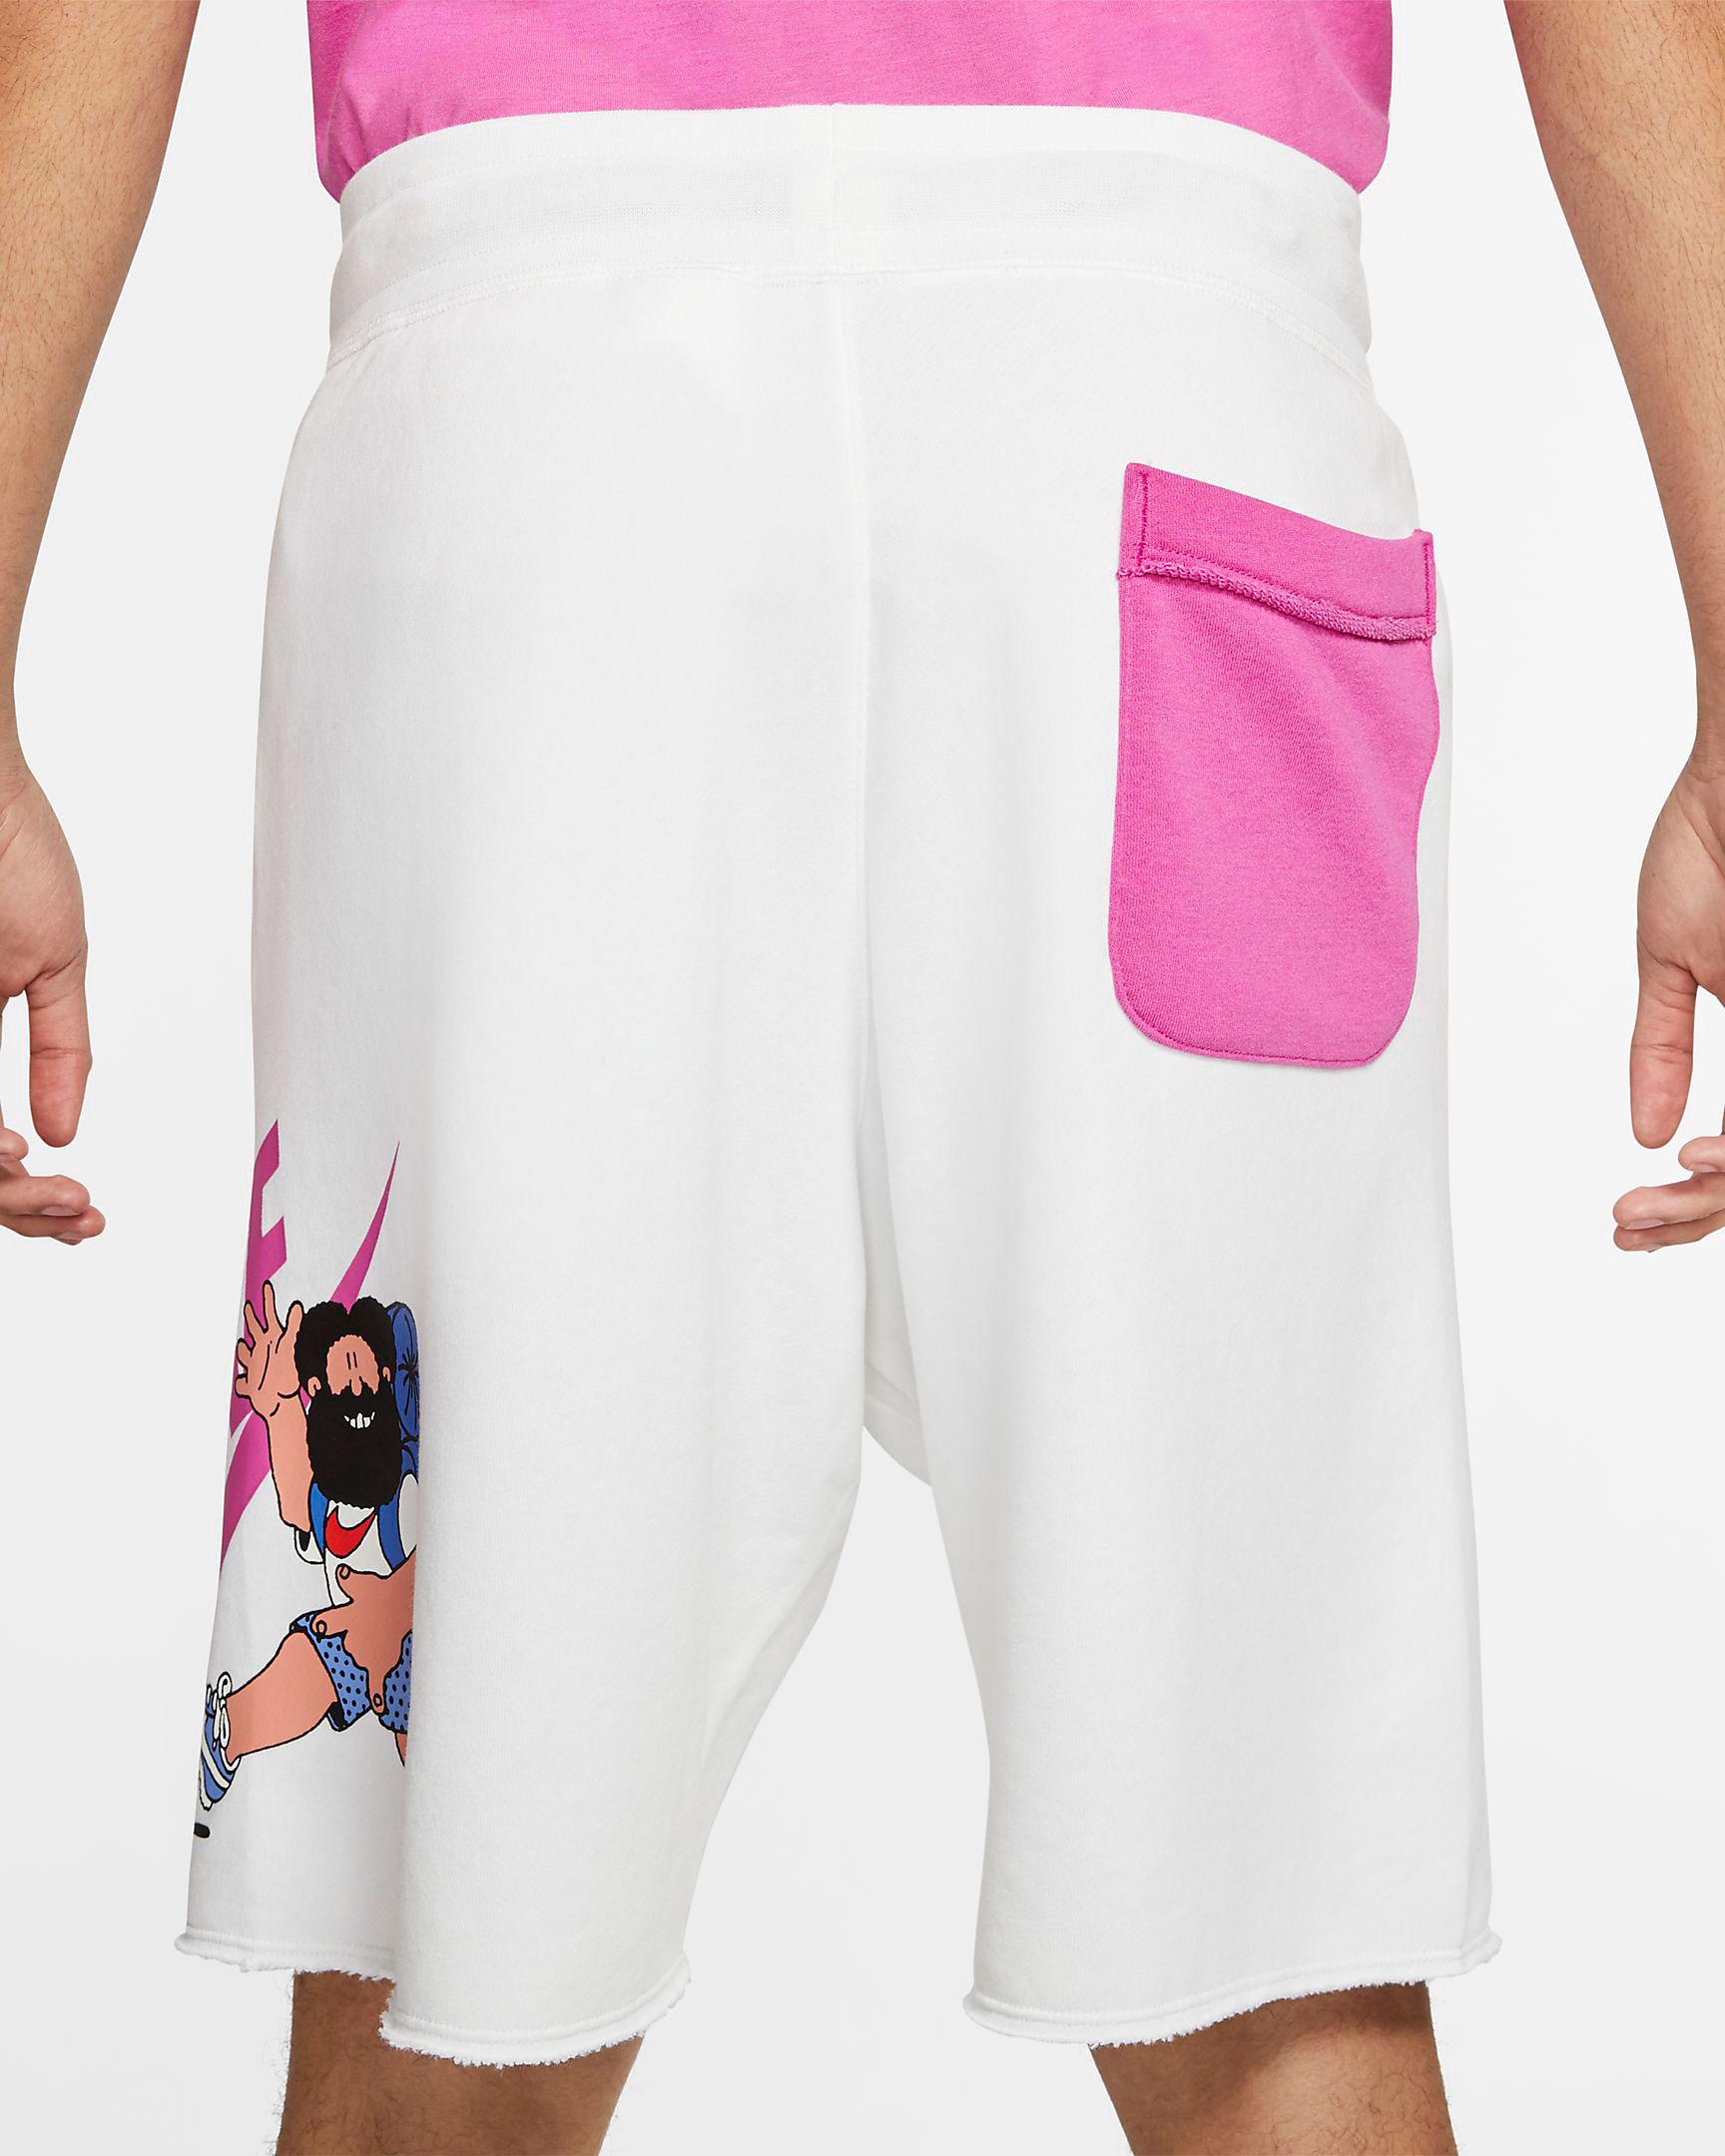 nike-hike-man-shorts-white-pink-2